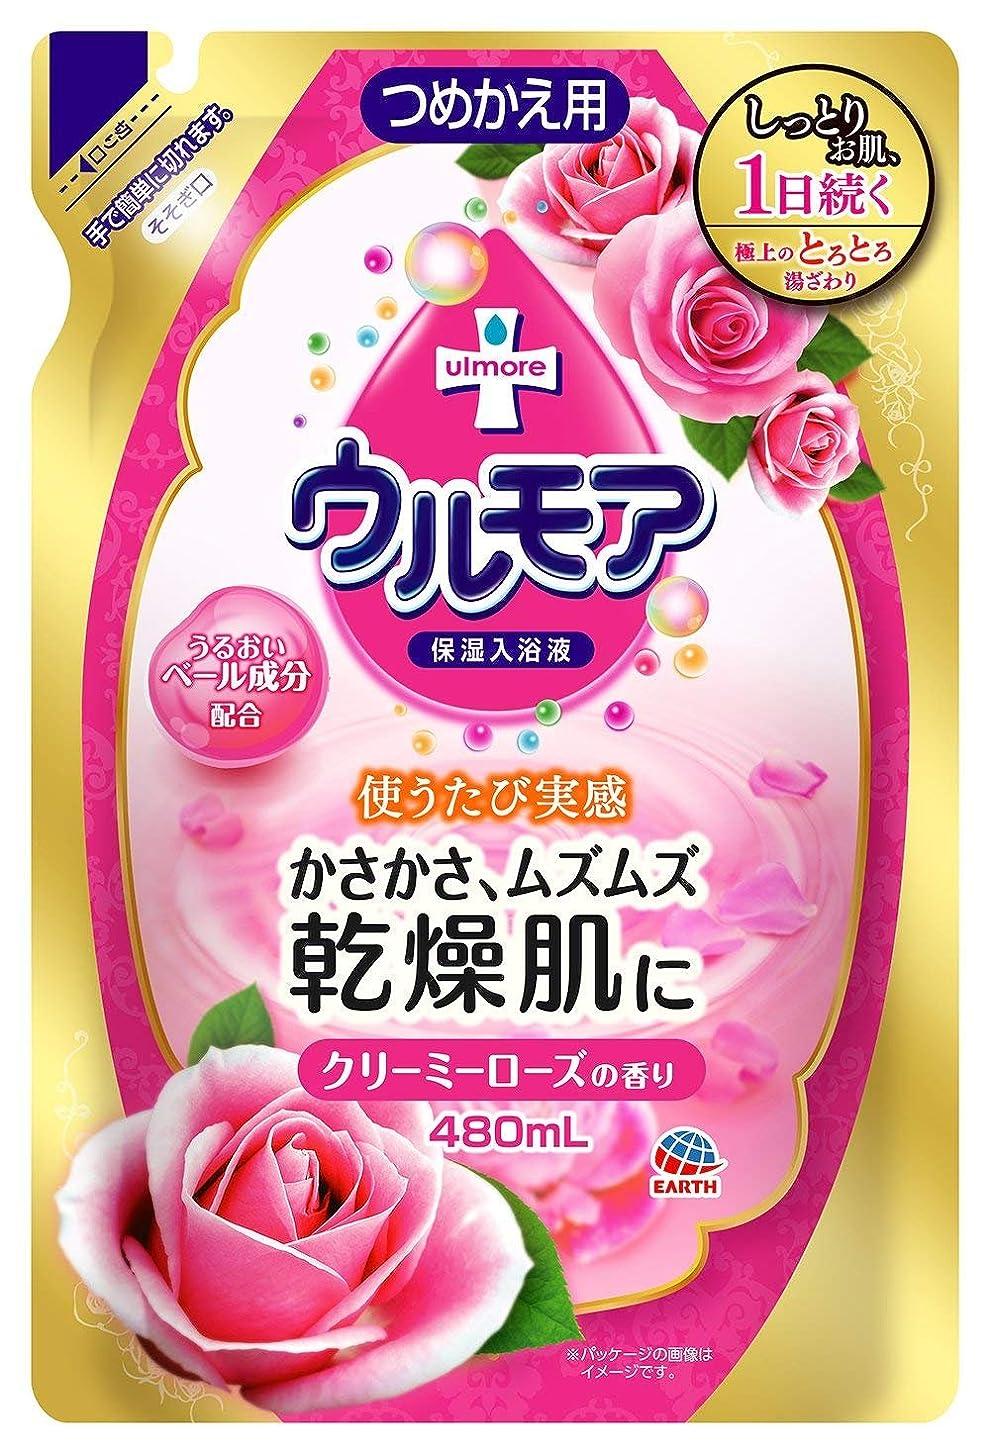 責め前者行商人【アース製薬】保湿入浴液ウルモアクリーミーローズの香り 詰替え用 480ml ×5個セット